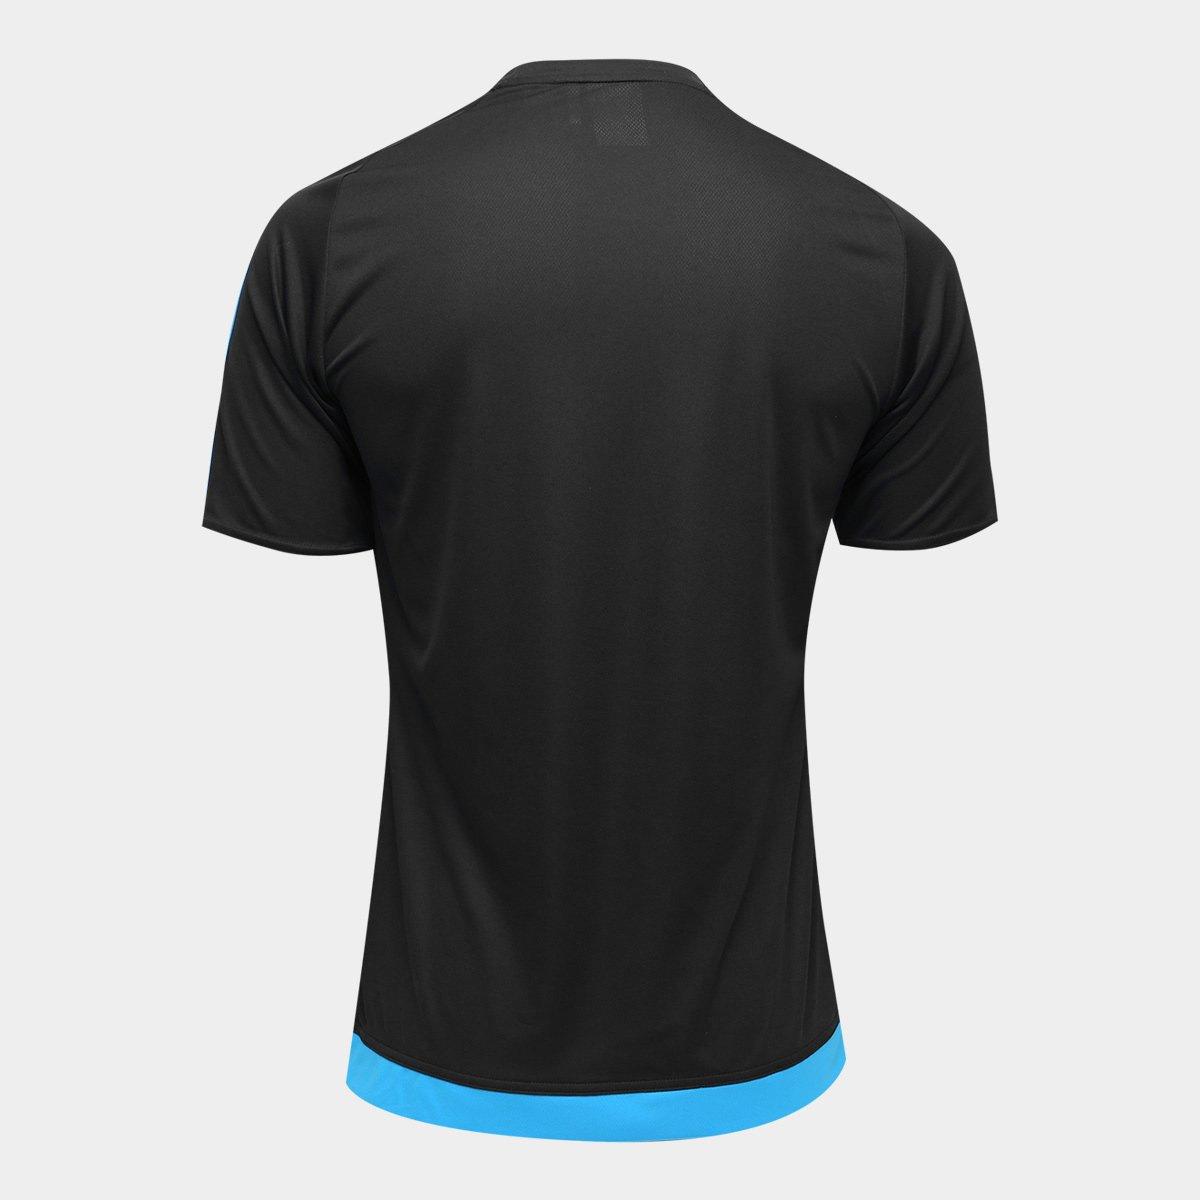 Camisa Adidas Estro 15 Masculina - Preto e Azul Turquesa - Compre ... f3ac0afcfce57